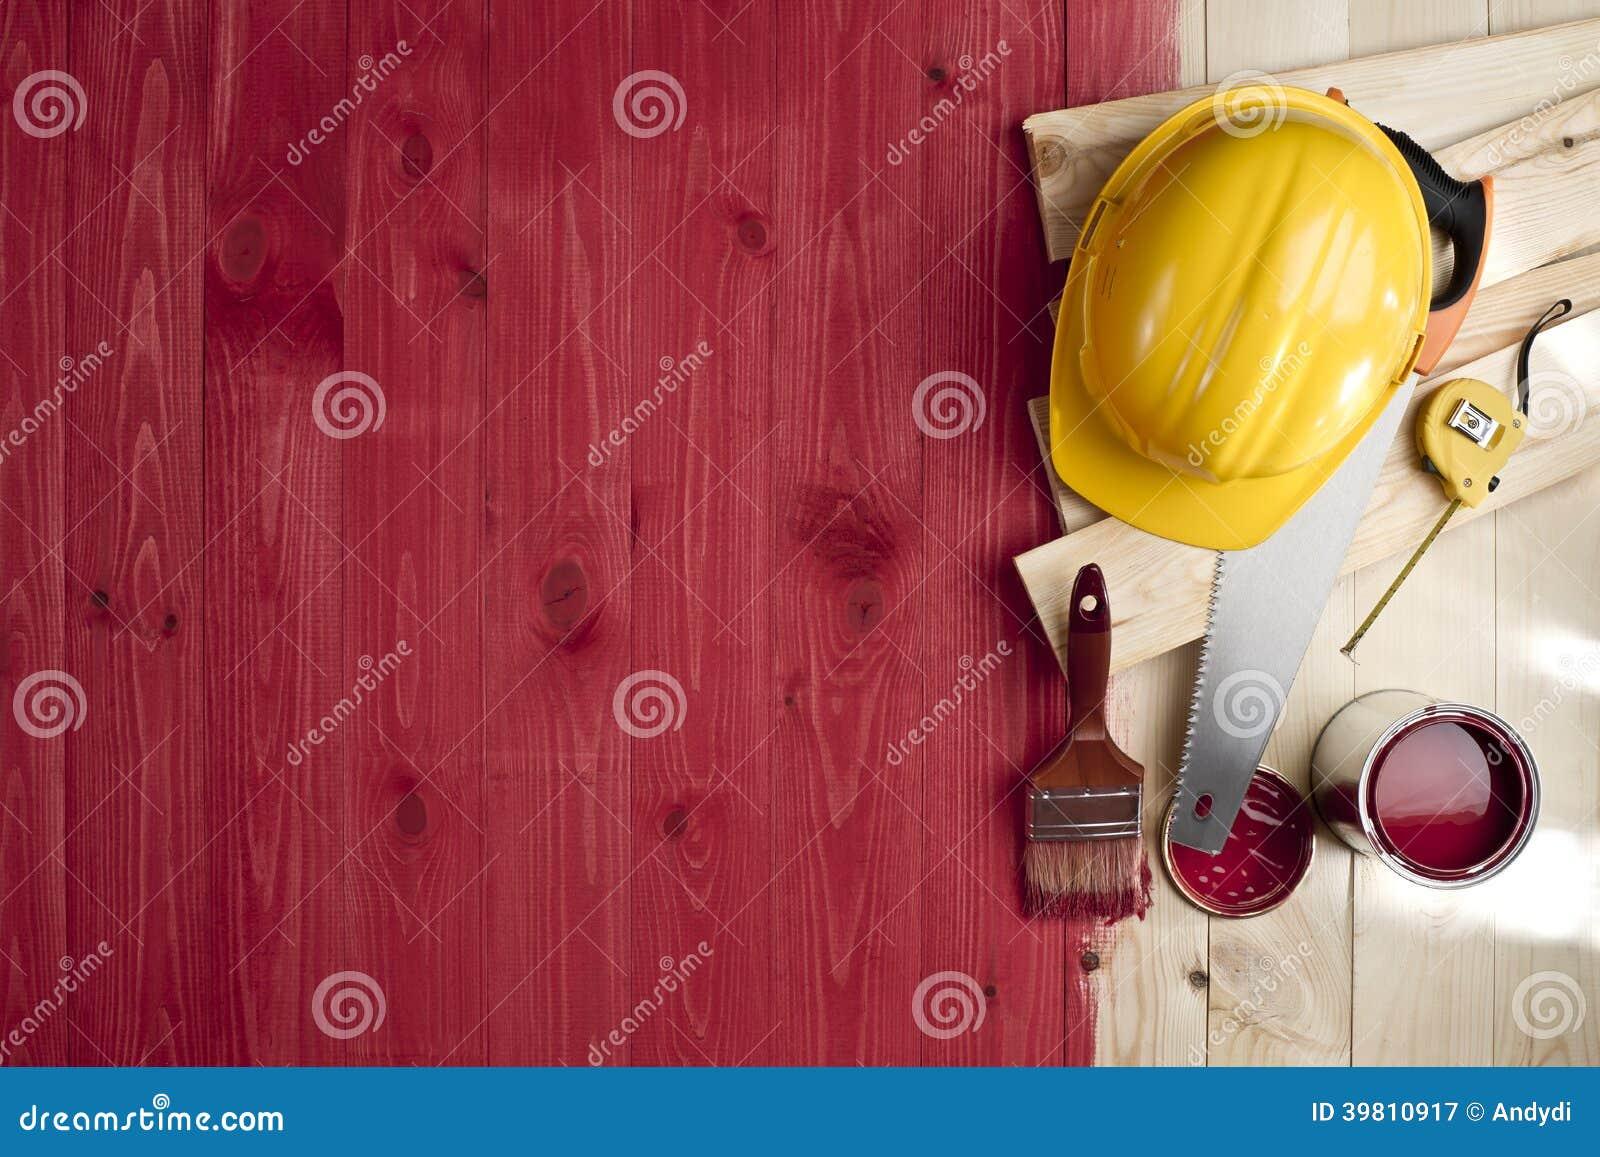 Plancher en bois rouge avec une brosse une peinture des outils et un casque photo stock for Peinture plancher en bois